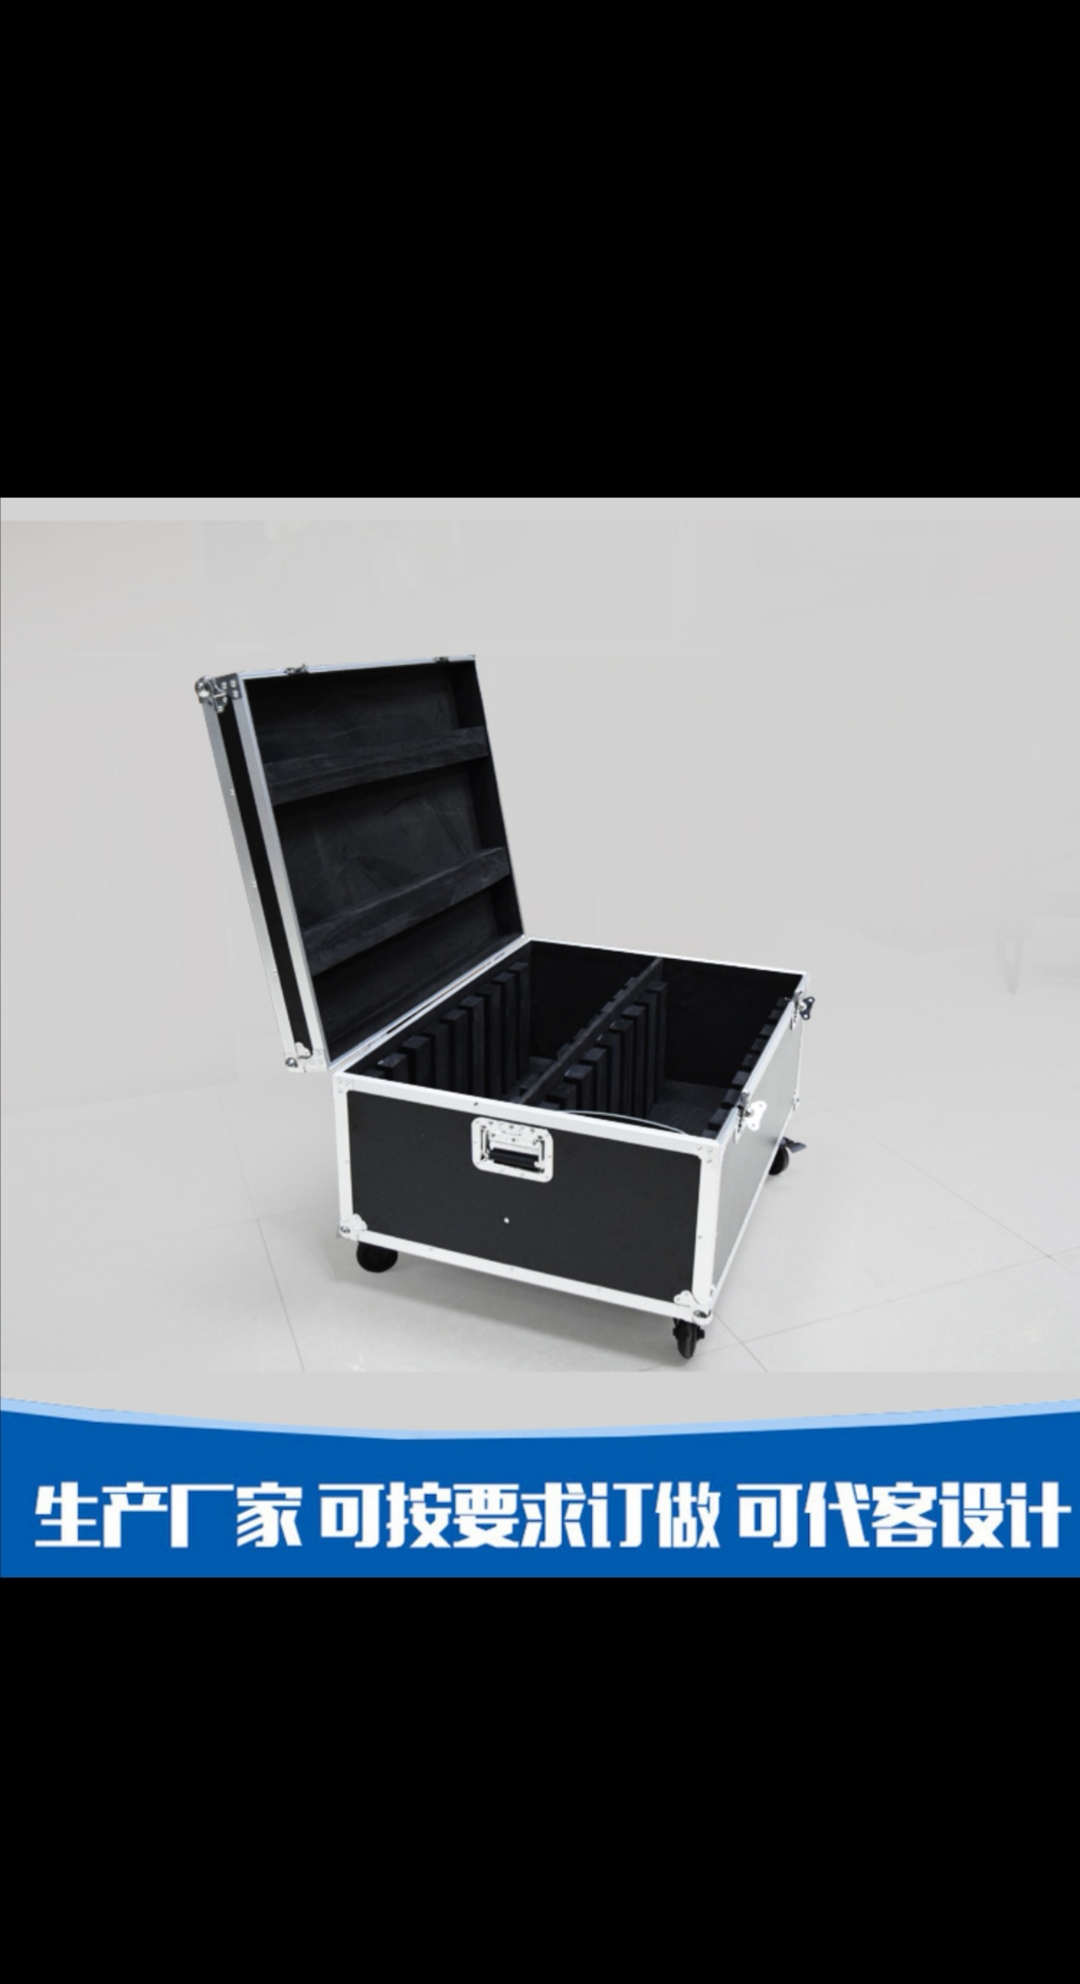 航空箱内部EVA凹槽,可据产品定制